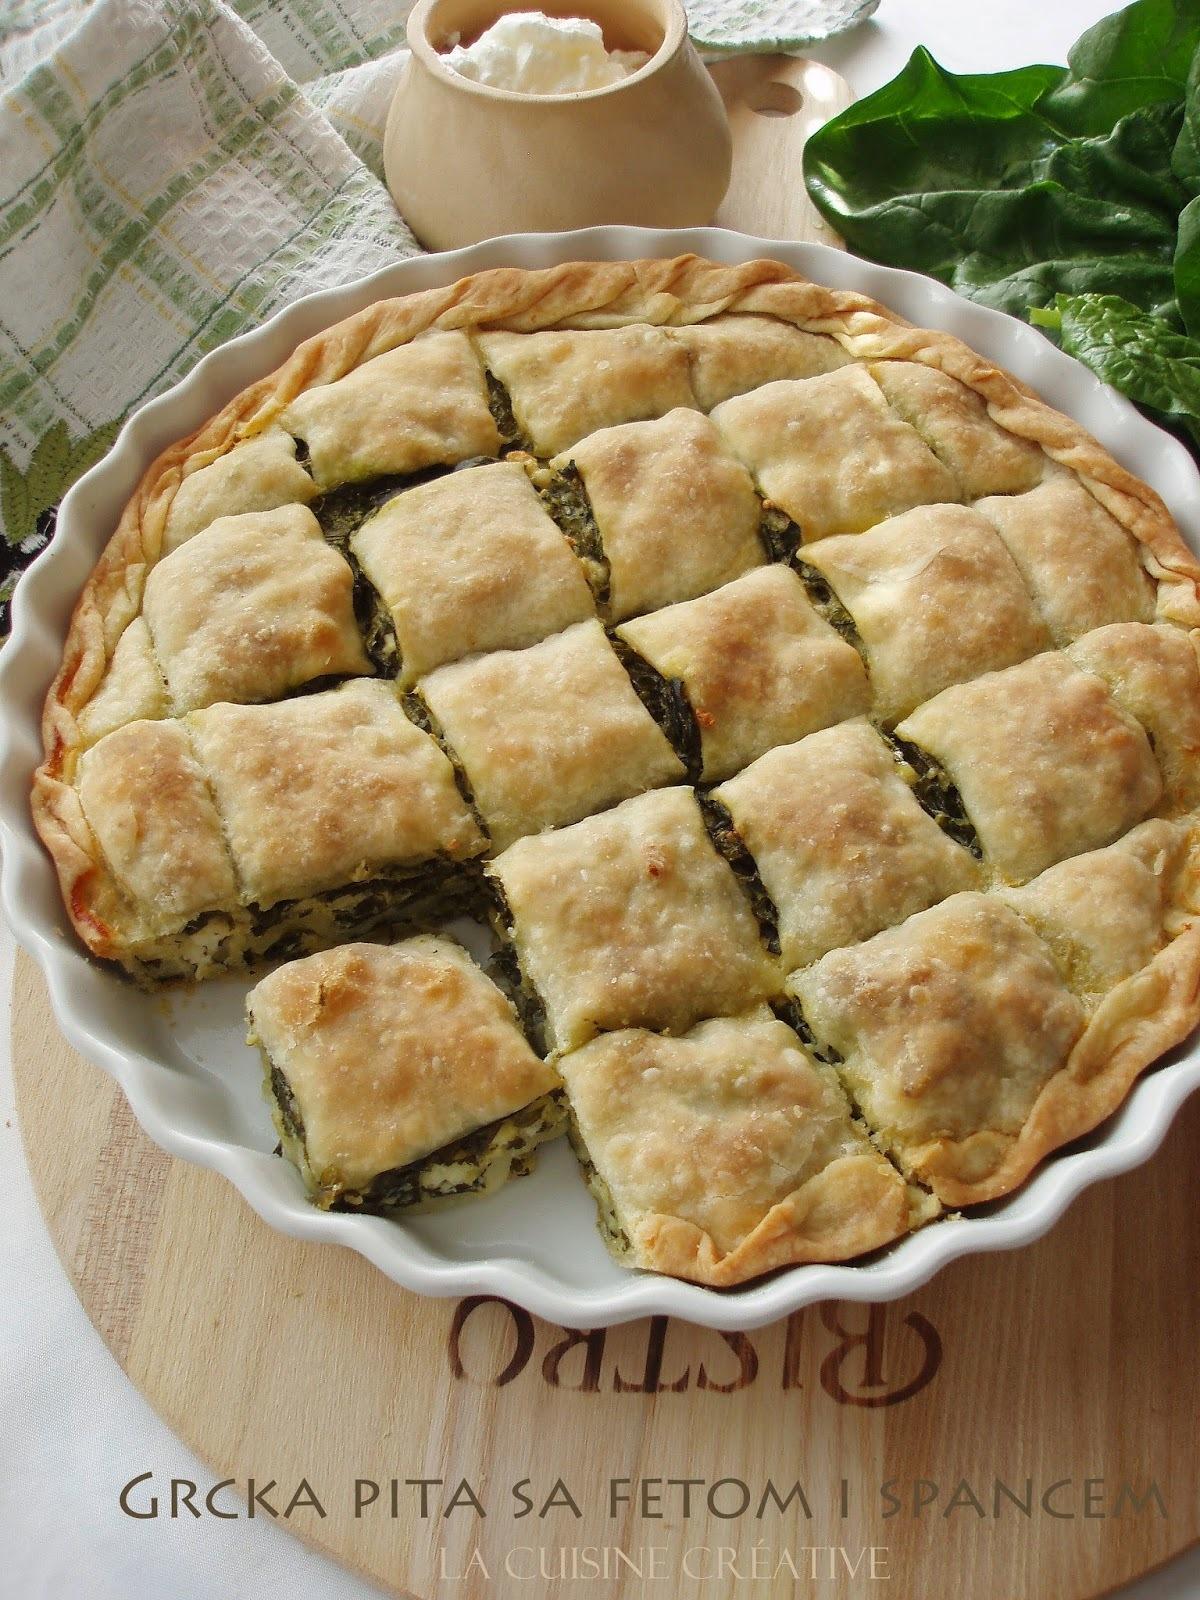 Grčka pita sa fetom i spanaćem